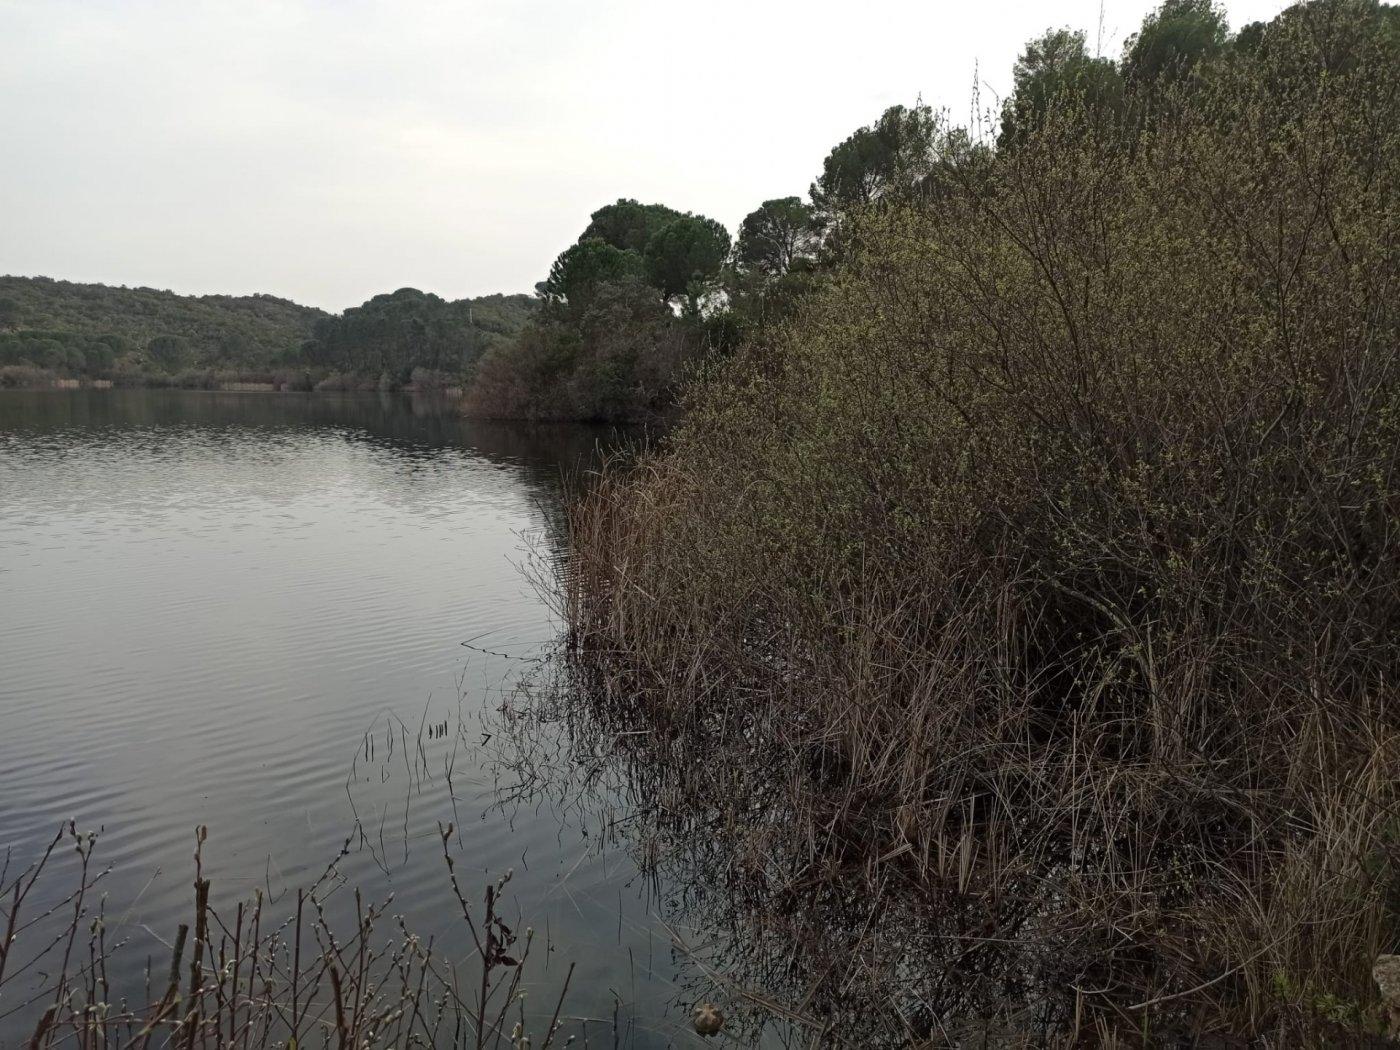 Se vende parcela urbana en las jaras a orilla del lago - imagenInmueble12